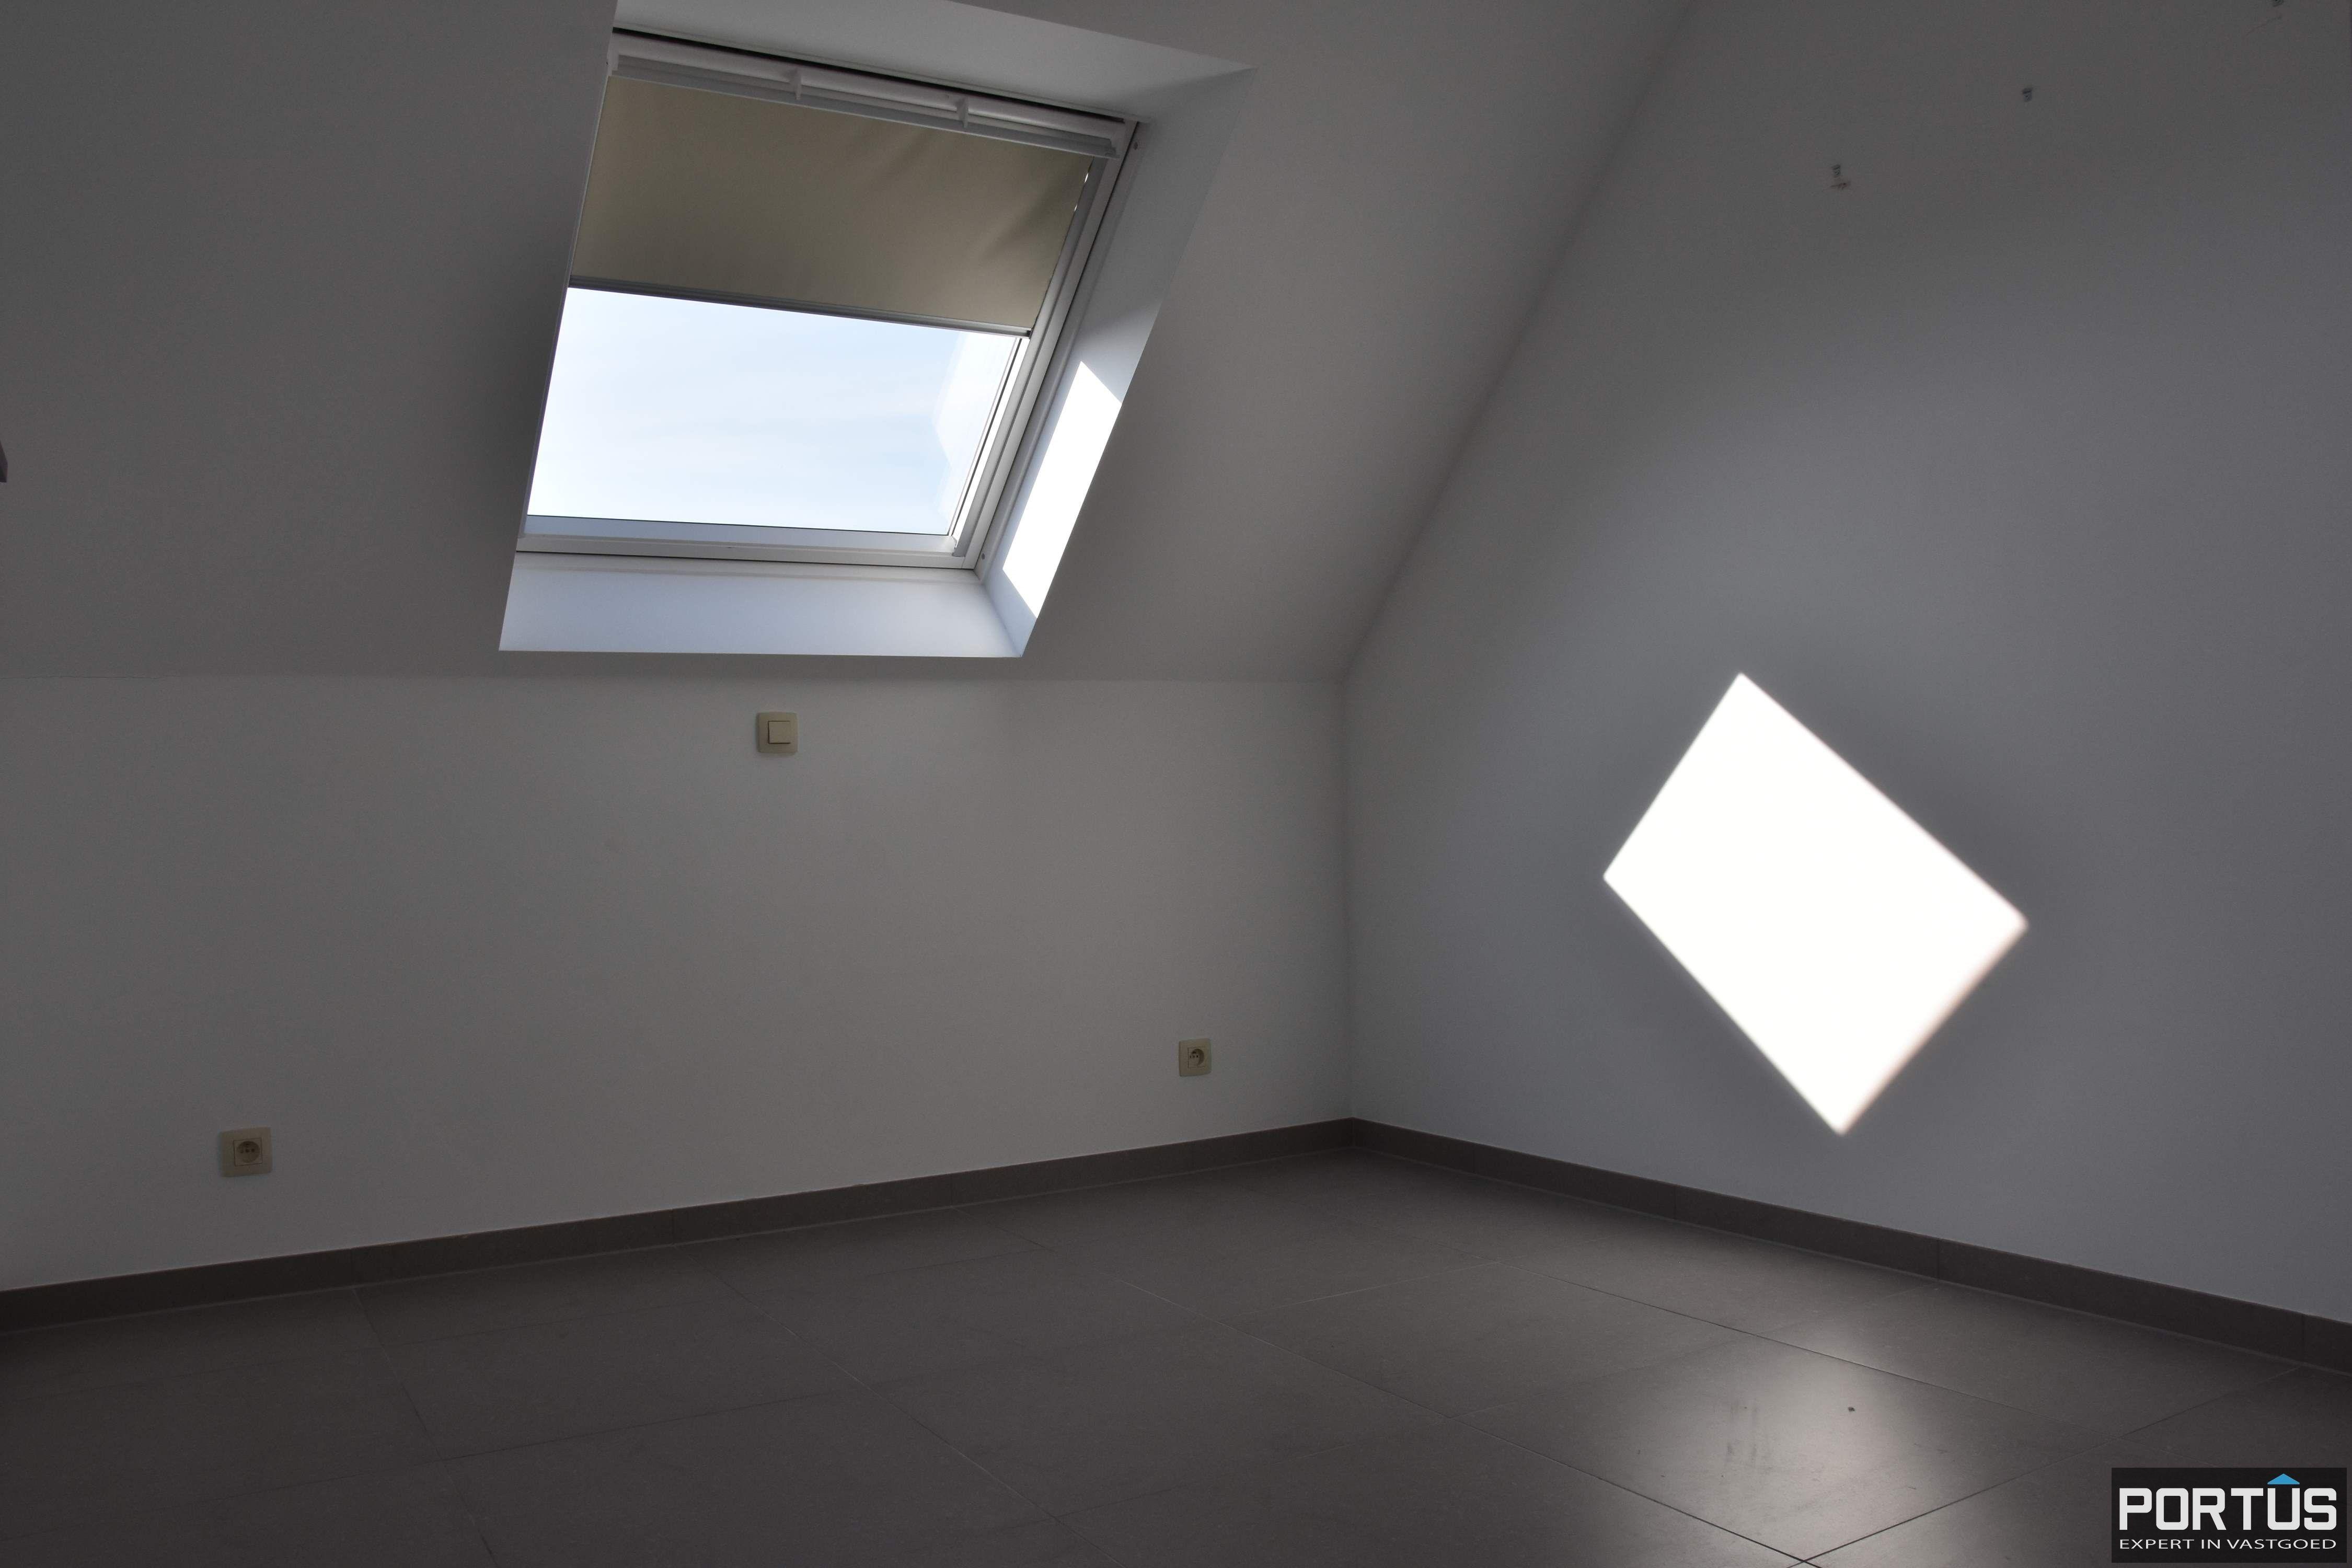 Recent appartement te huur met 3 slaapkamers, kelderberging en parking - 13802